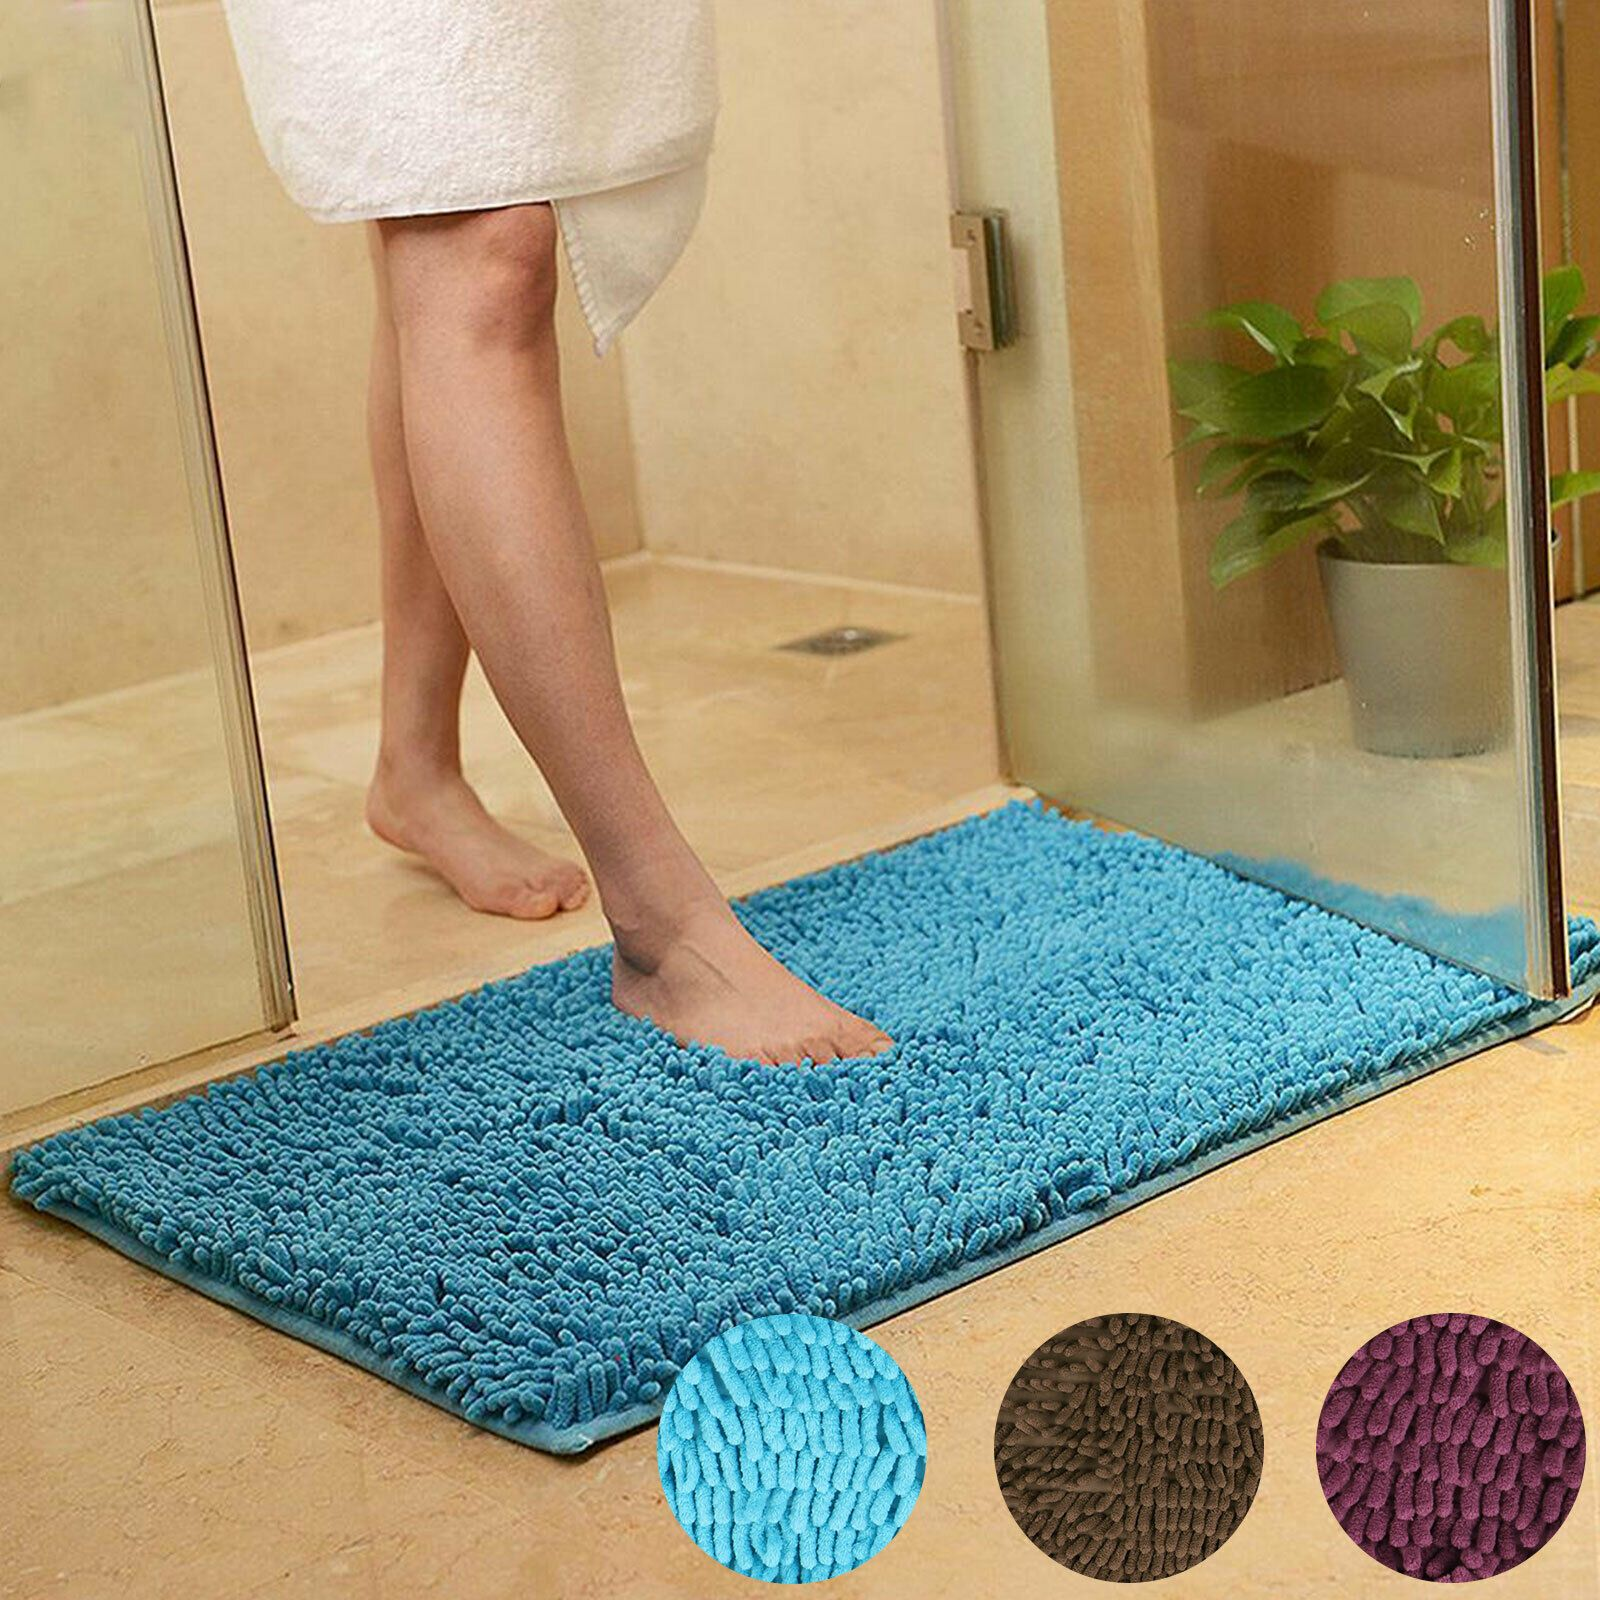 Details About Soft Microfibre Shaggy Non Slip Absorbent Bath Mat